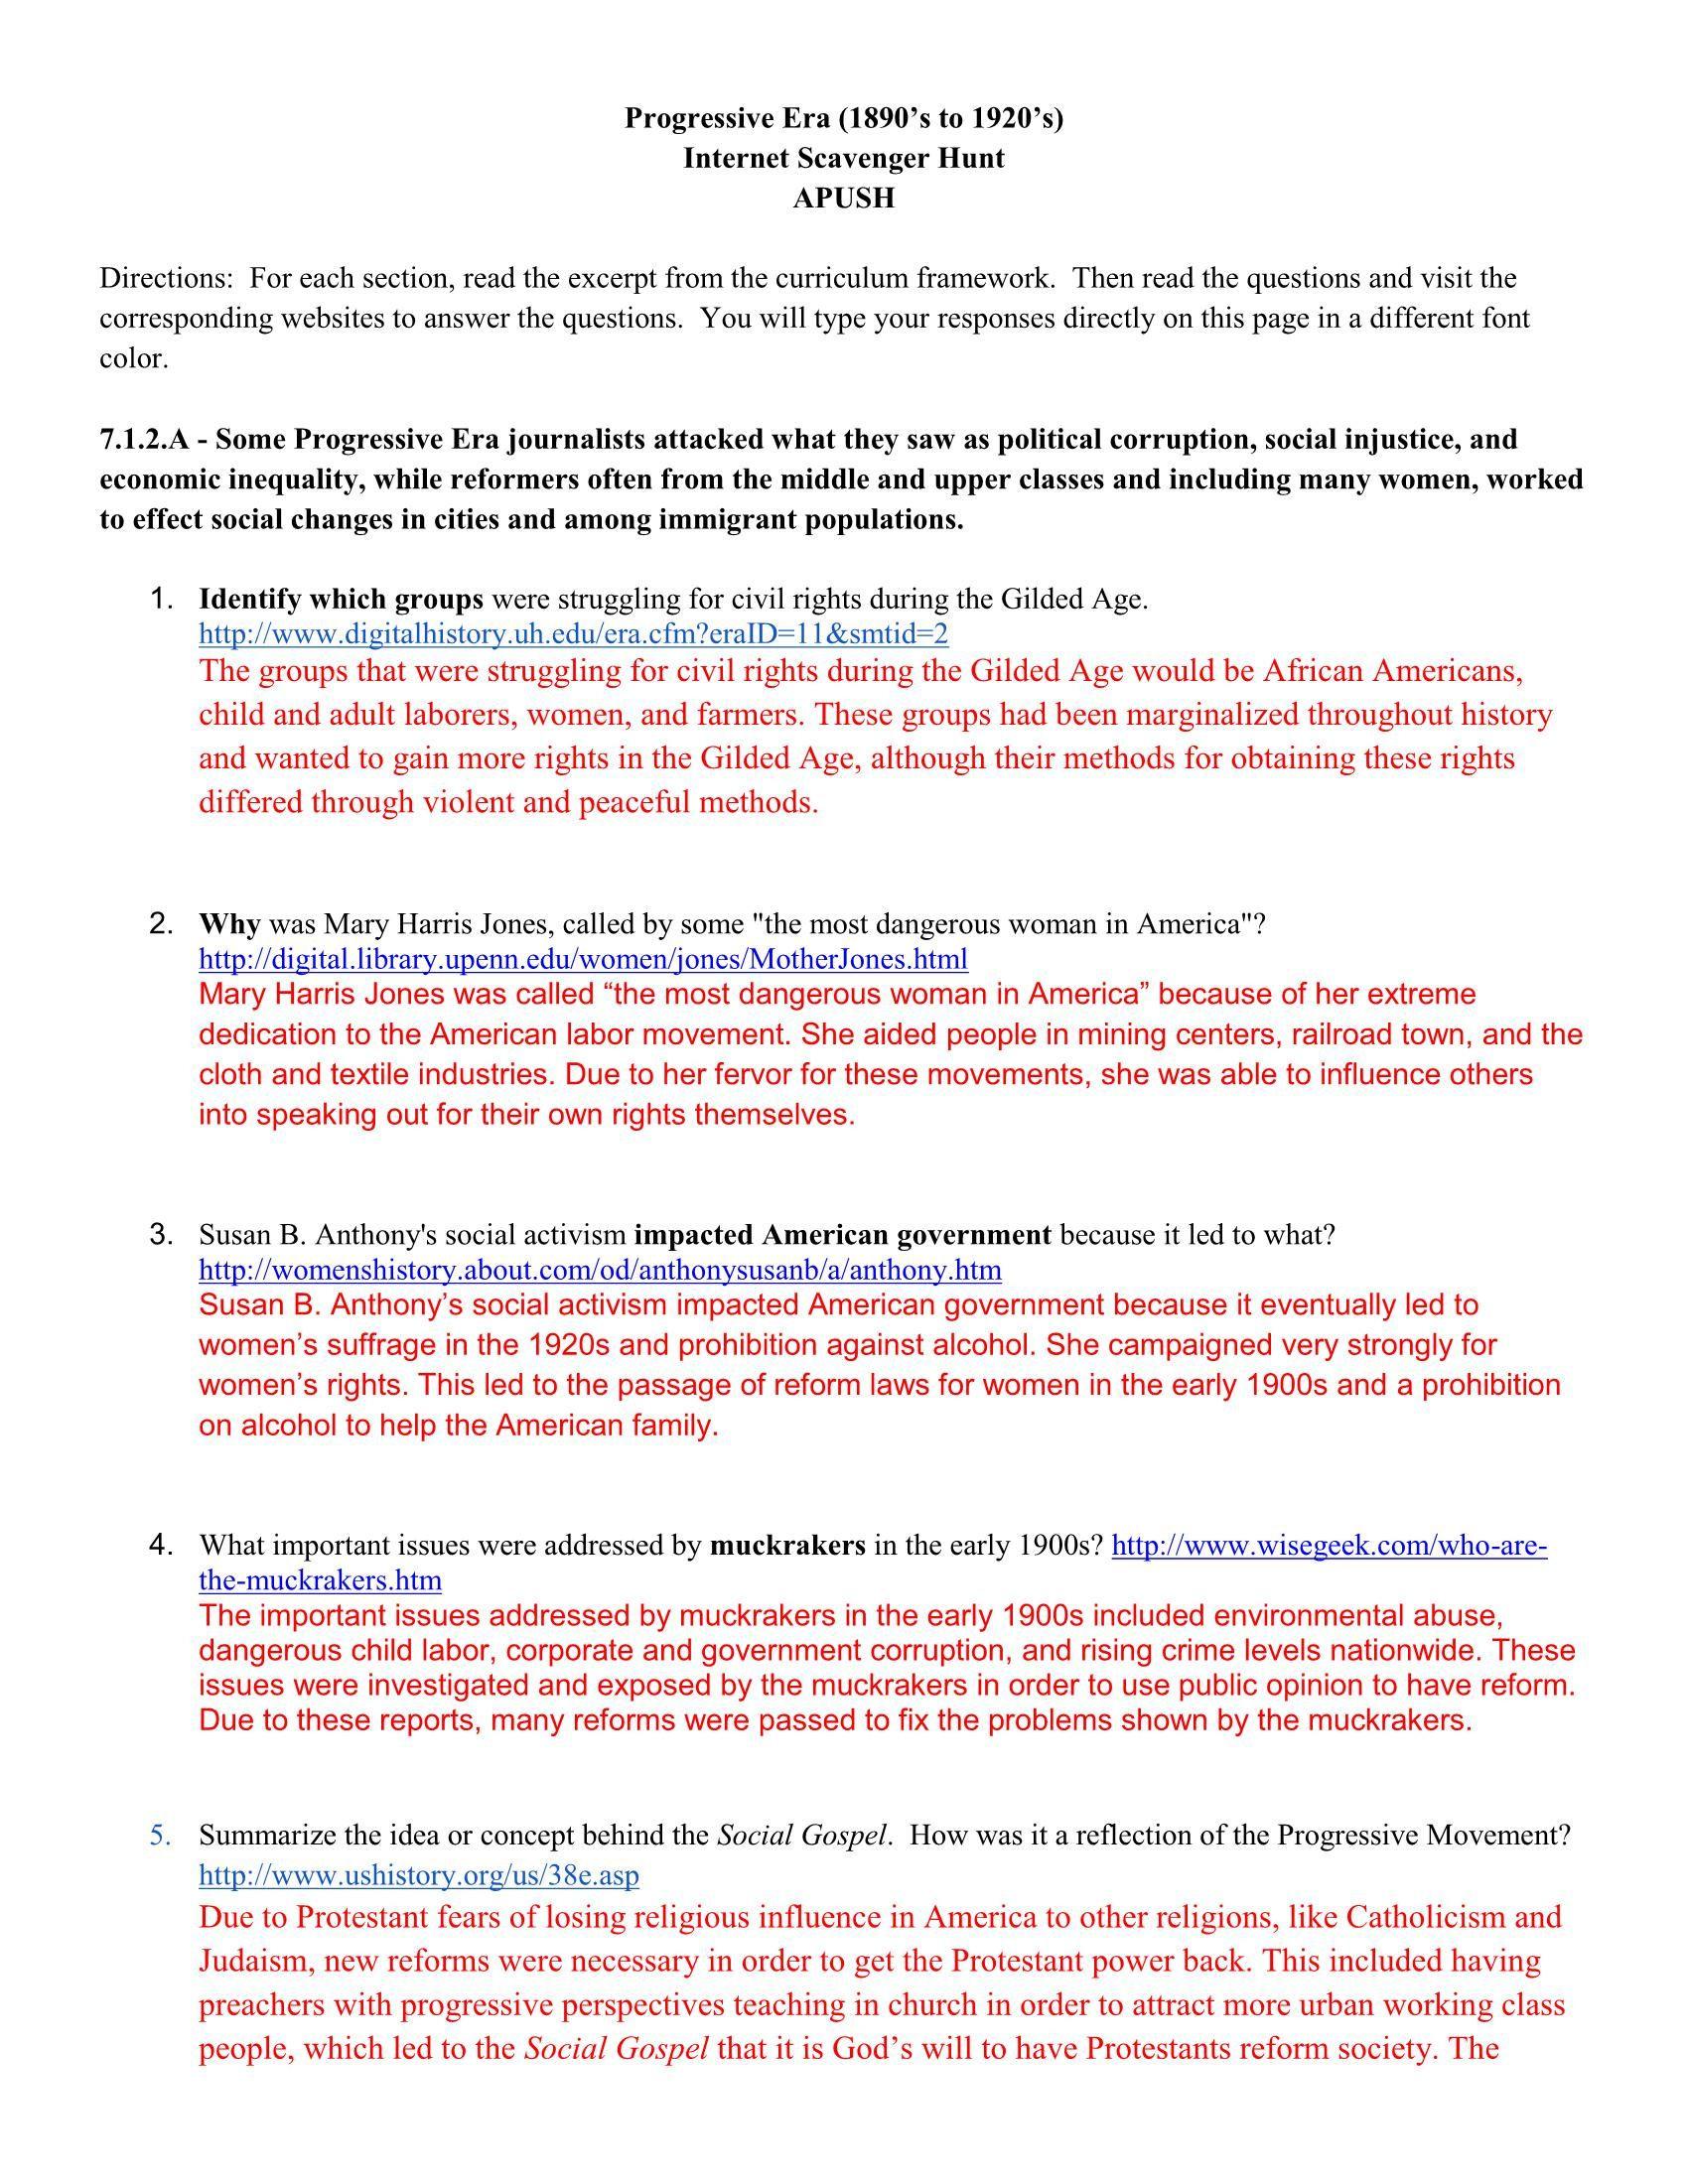 Bible Scavenger Hunt Worksheet Internet Scavenger Hunt Worksheet Worksheet List